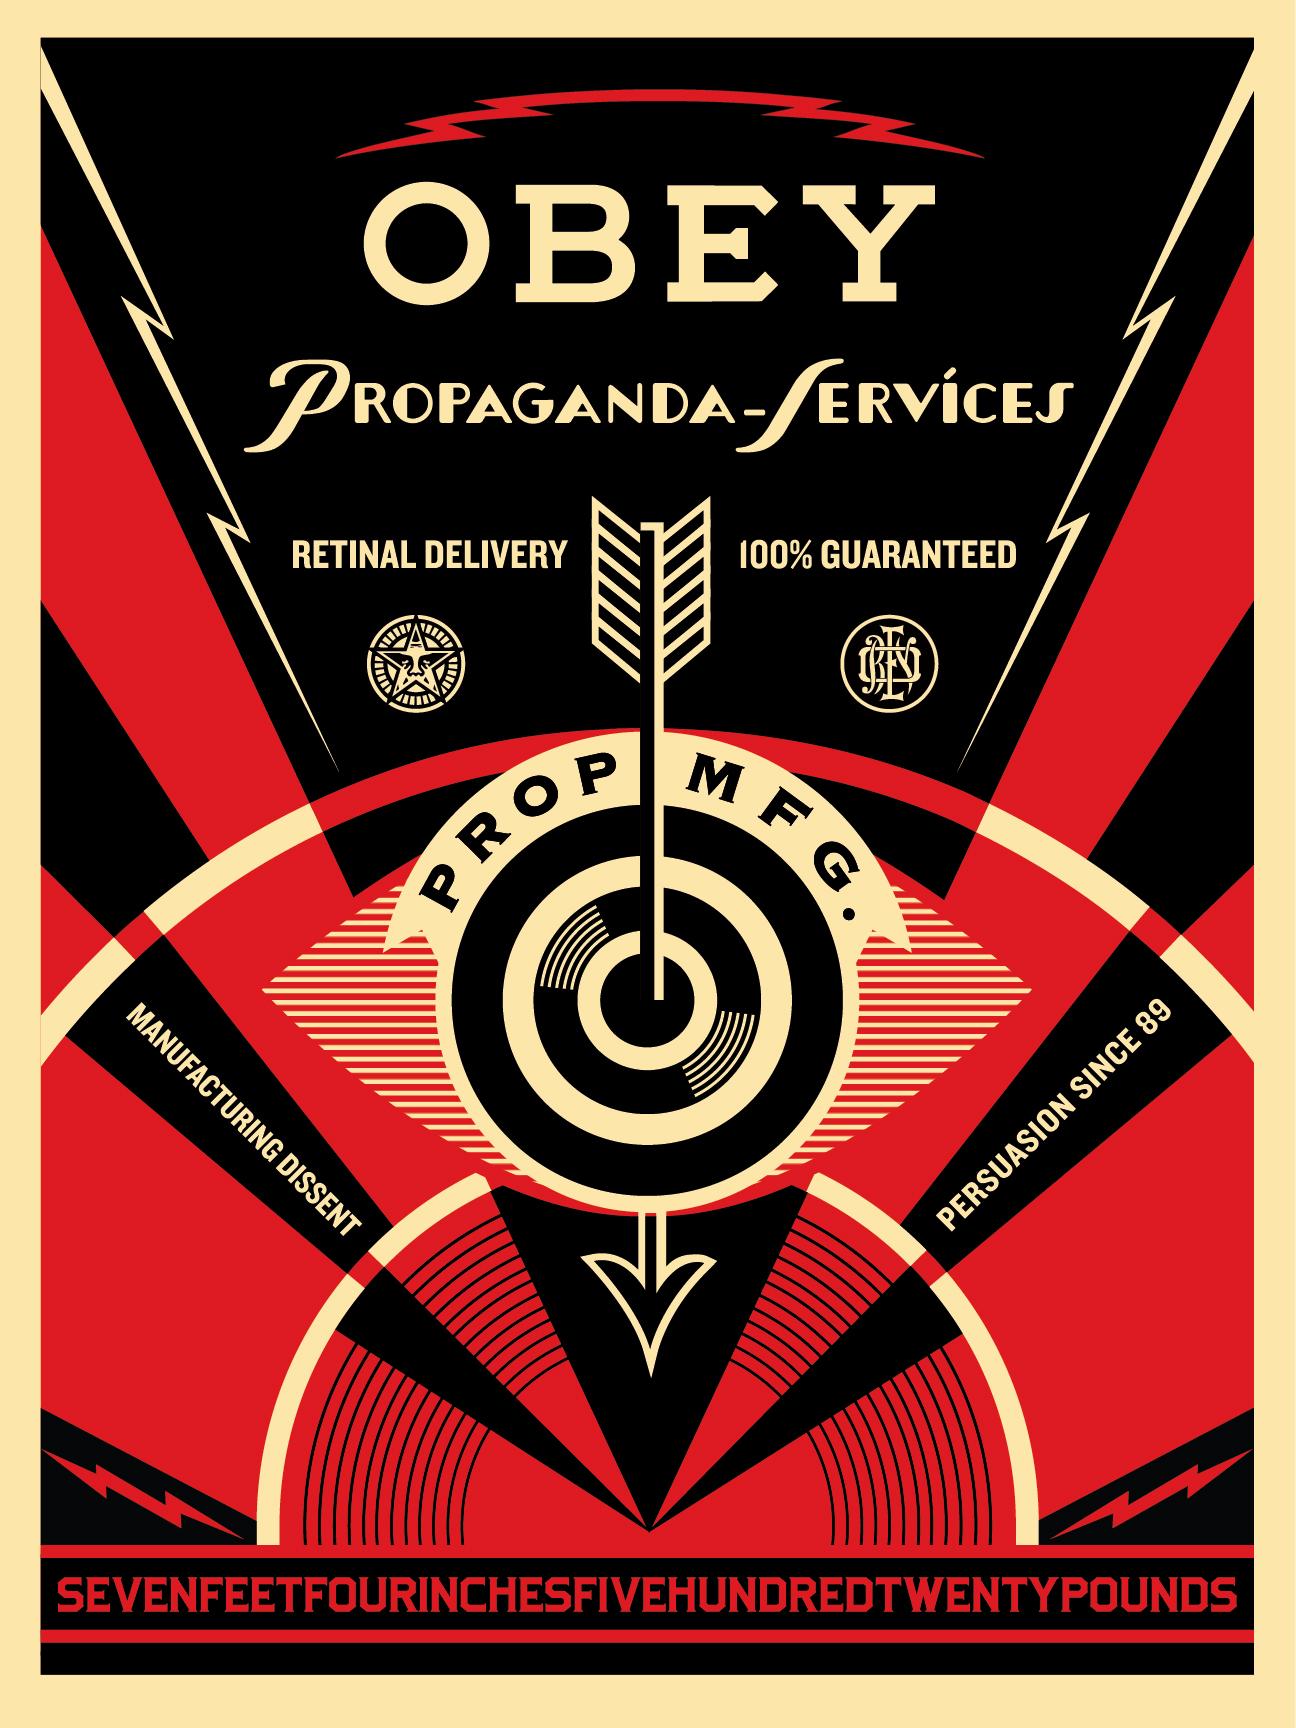 propagada - obey